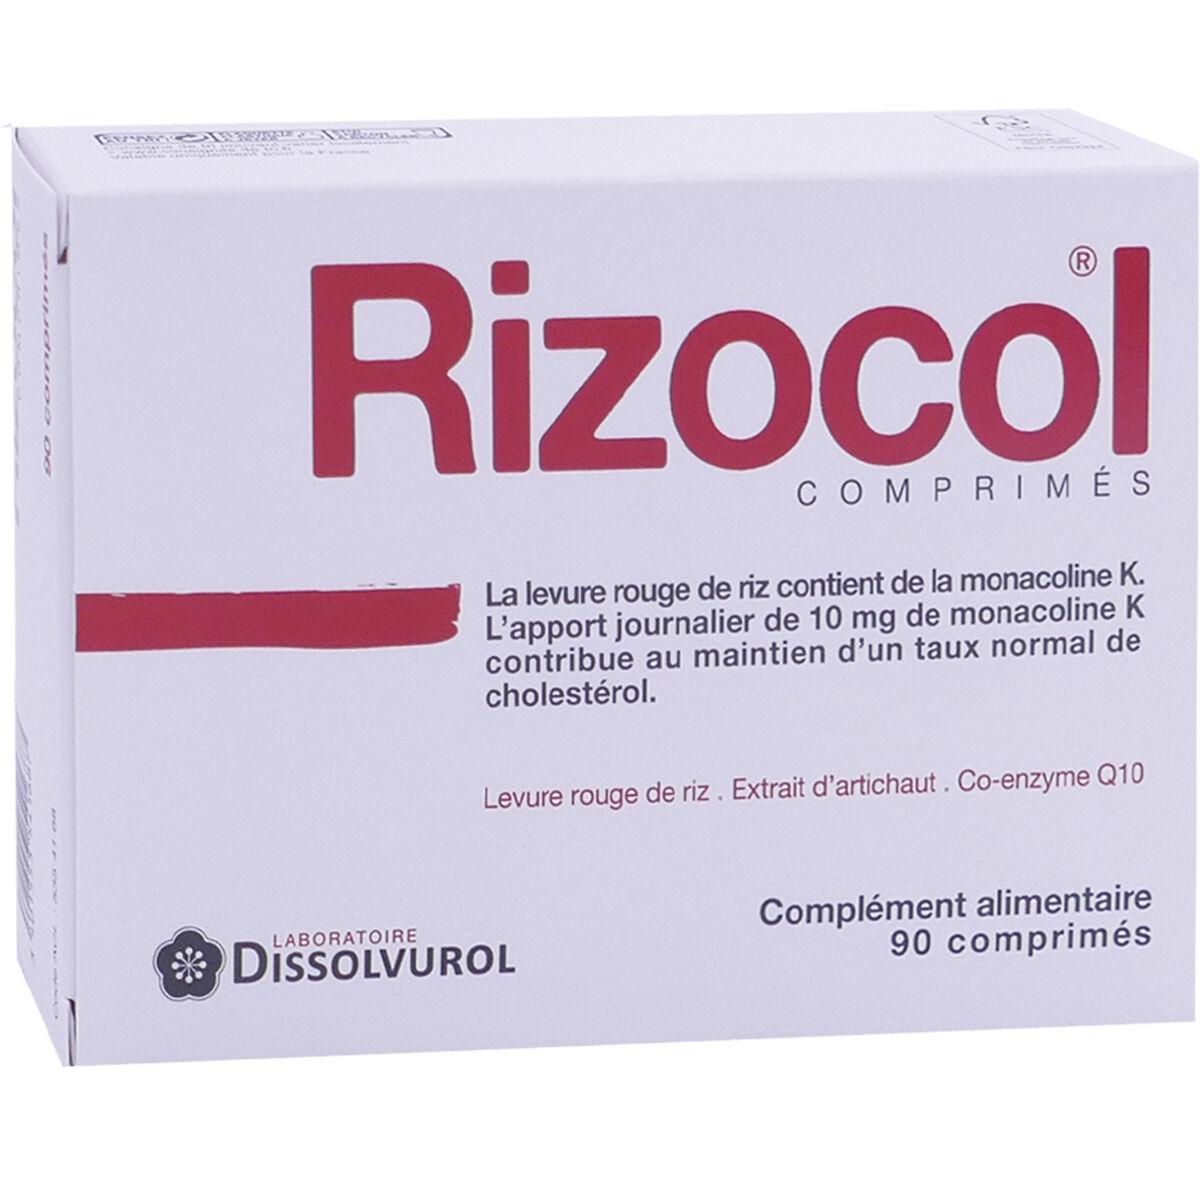 DISSOLVUROL Rizocol complement alimentaire pour le cholesterole 90 comprimes